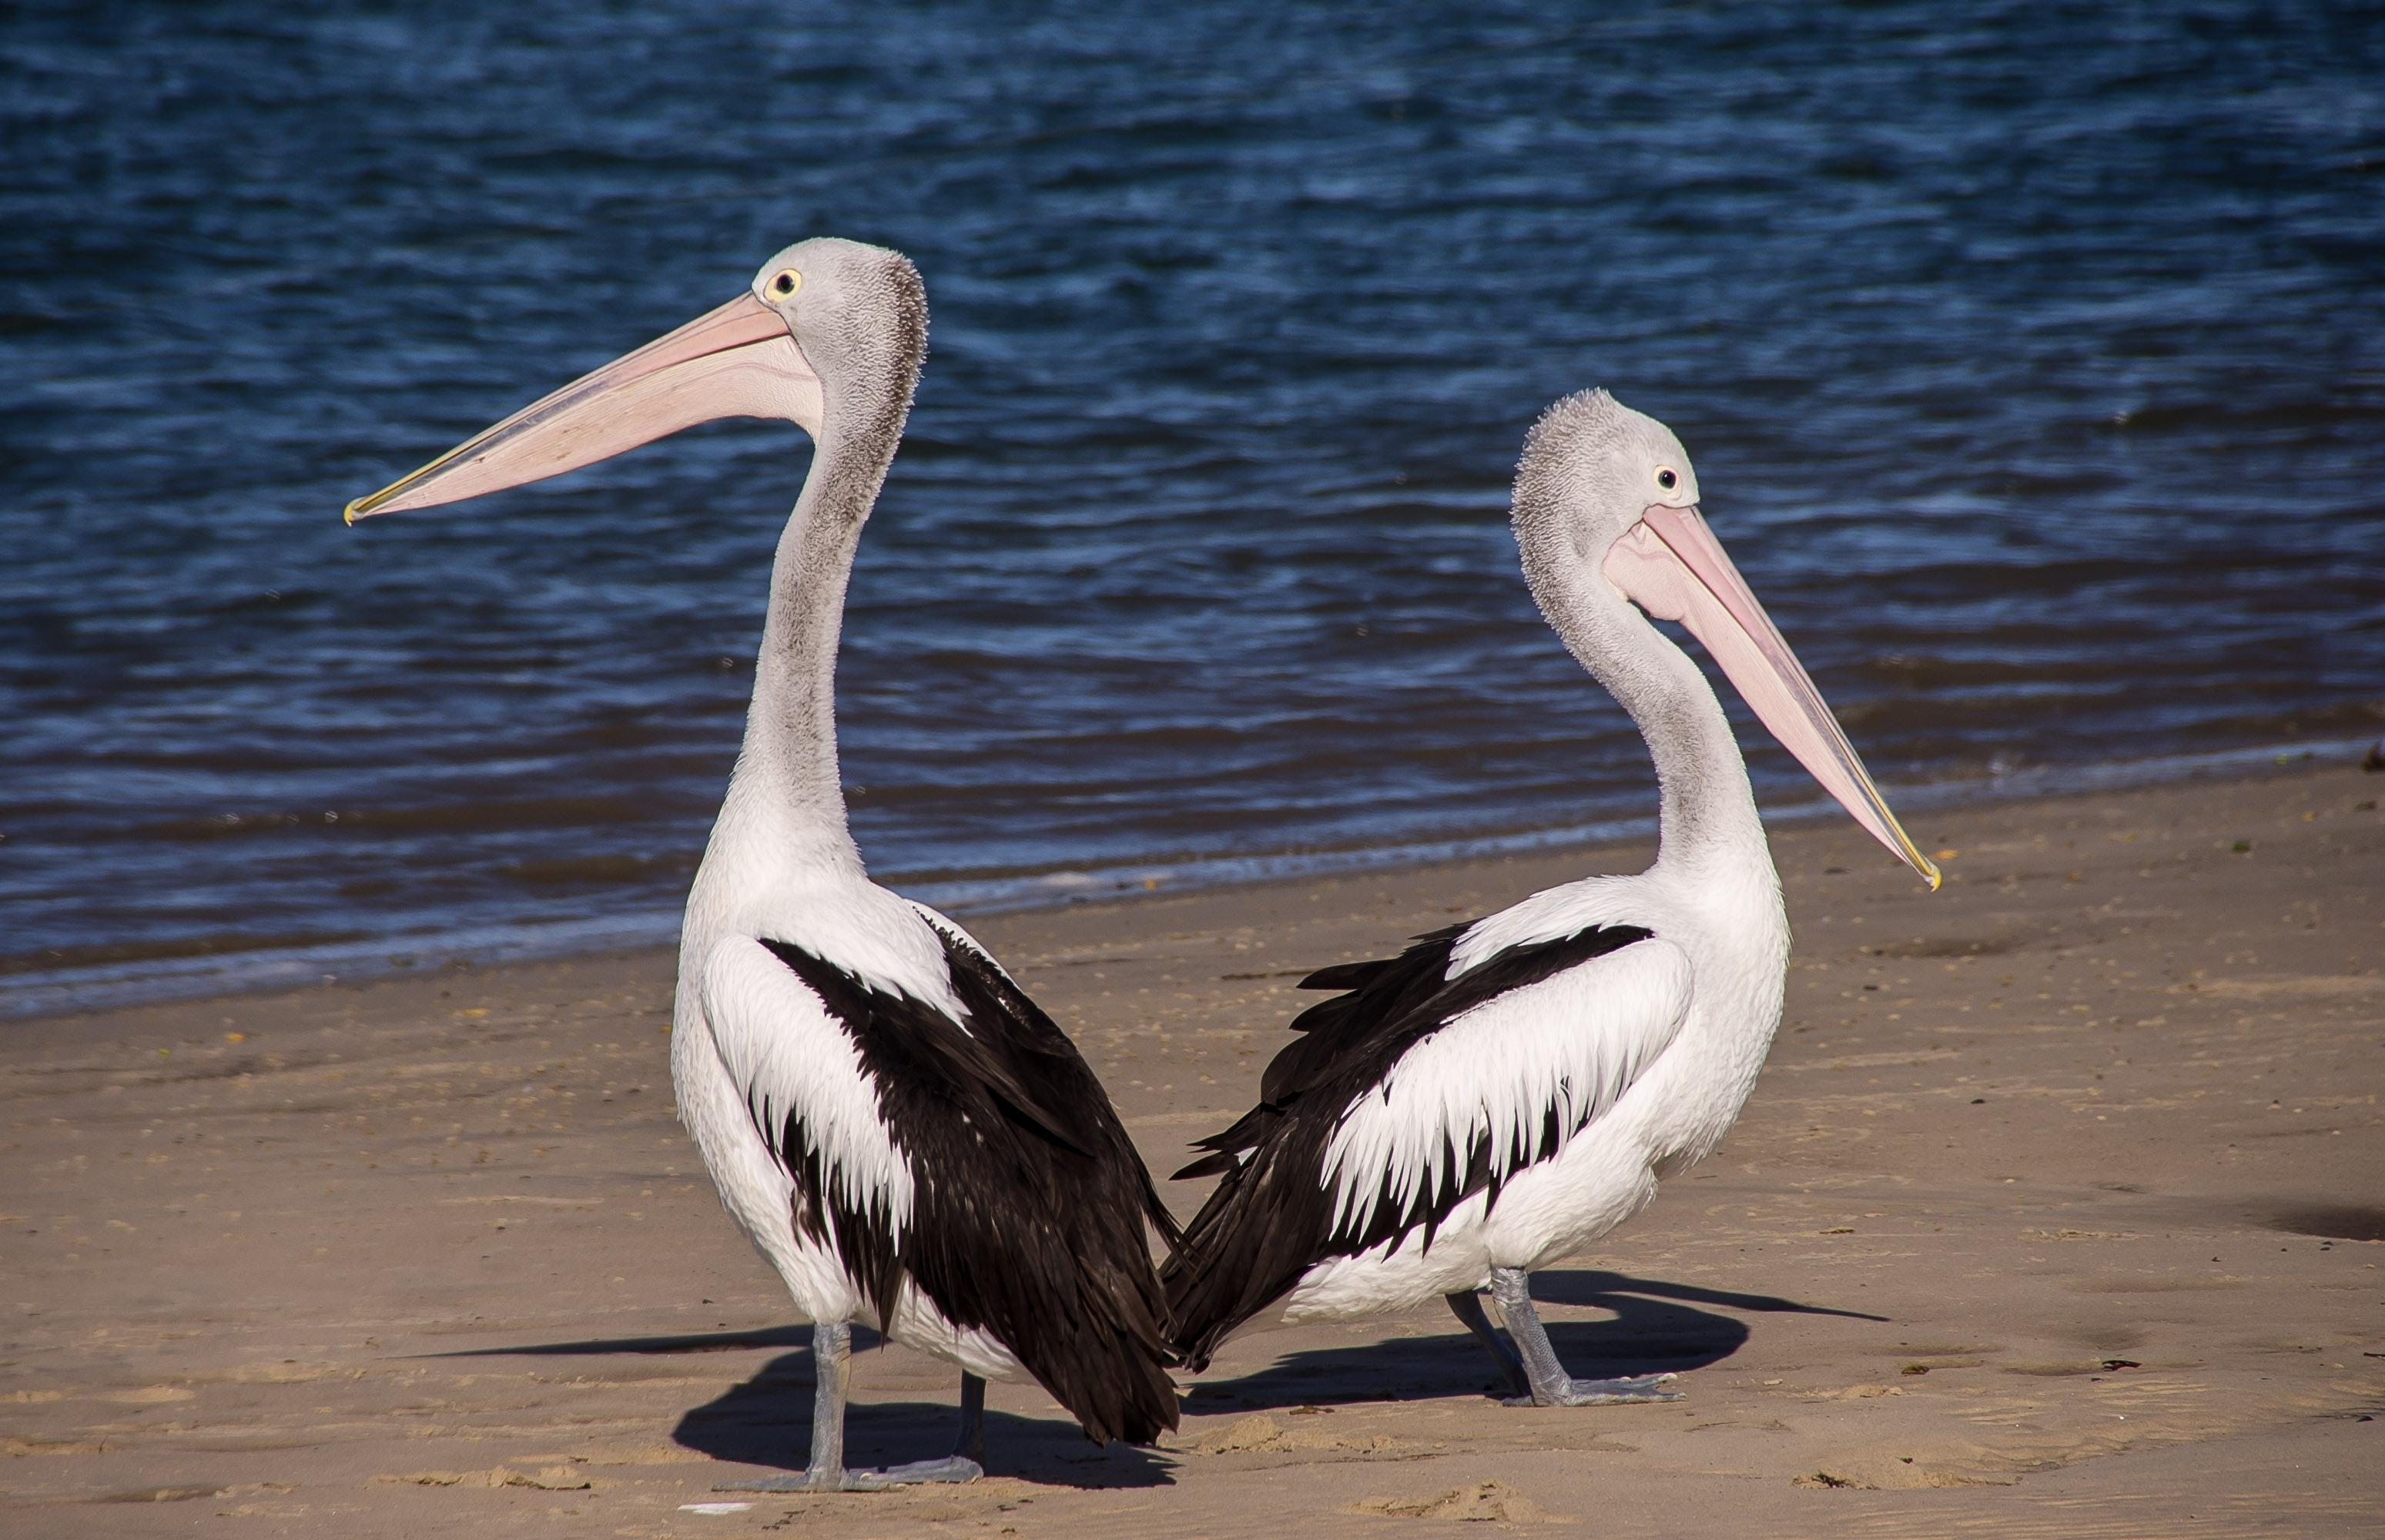 Foto Stok Gratis Tentang Binatang Bulu Burung Burung Pelikan